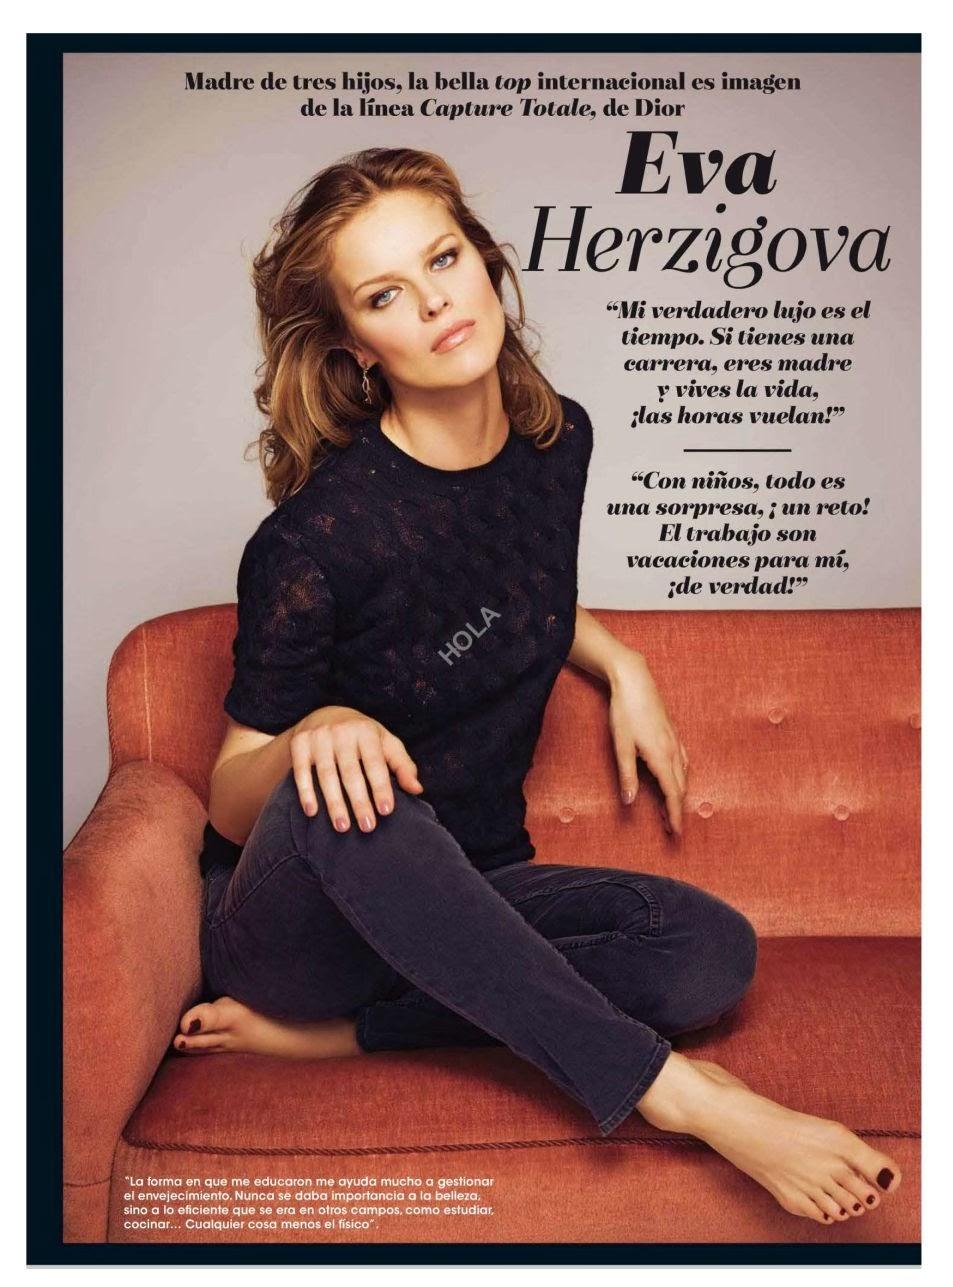 Eva Herzigova Hola Spain Magazine Photoshoot Enero 2014 HQ Pics